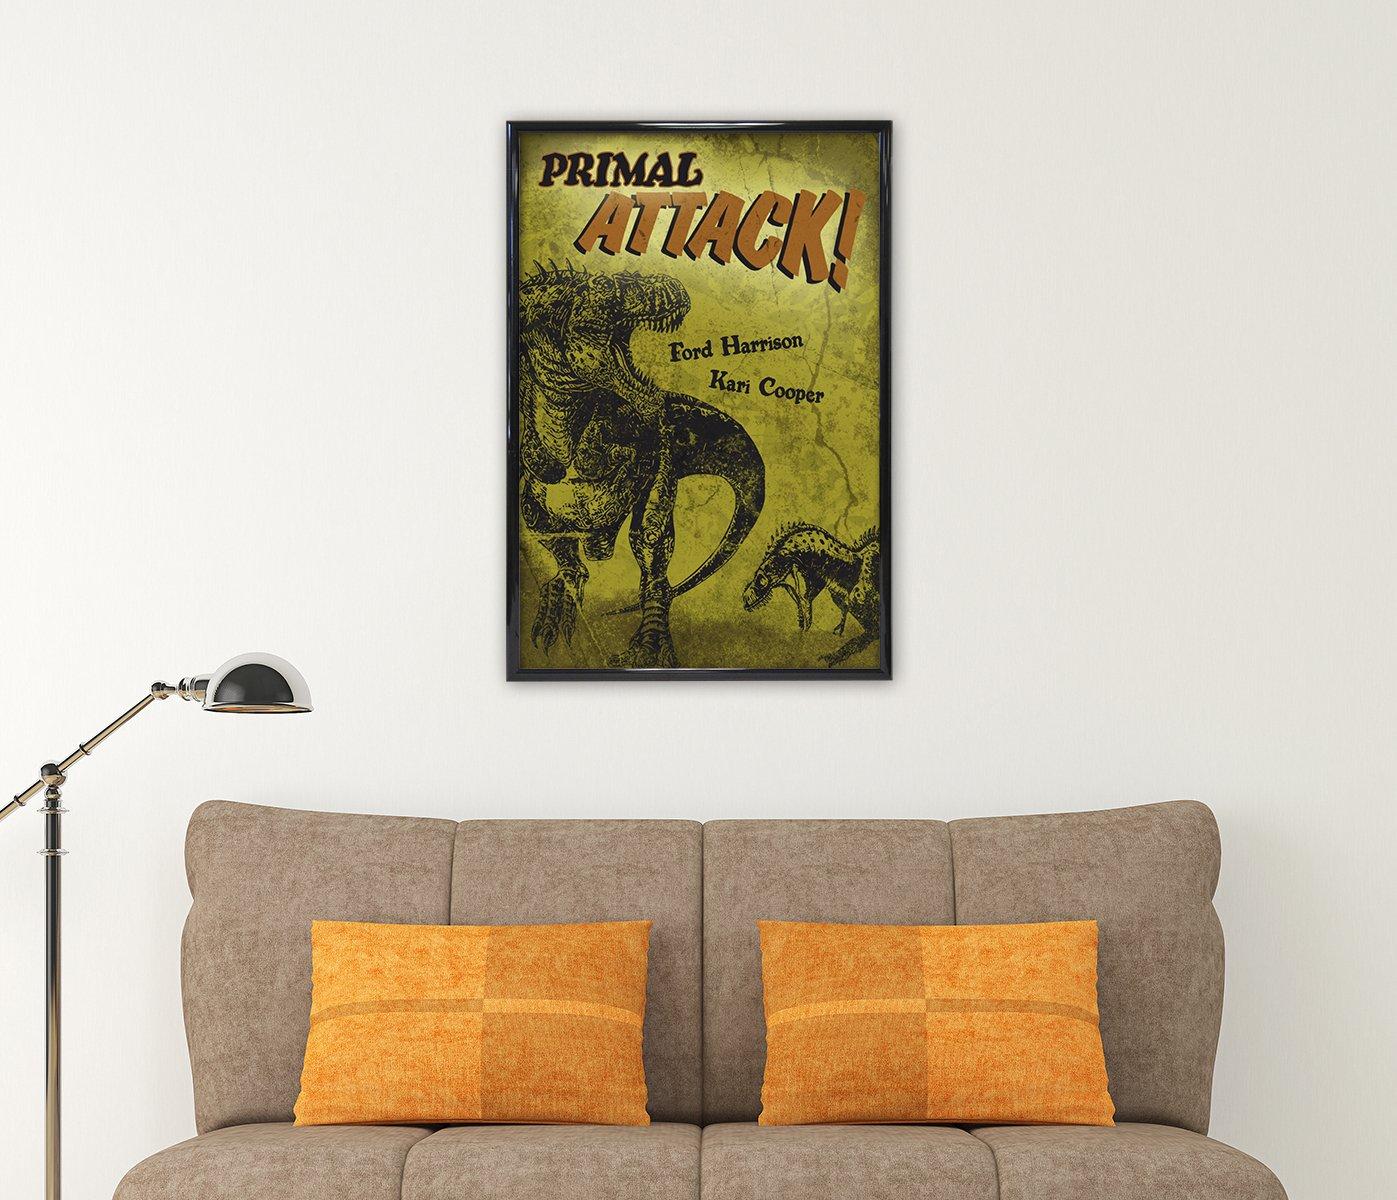 MCS Trendsetter Poster Frame, 27 by 40-Inch, Black 40964